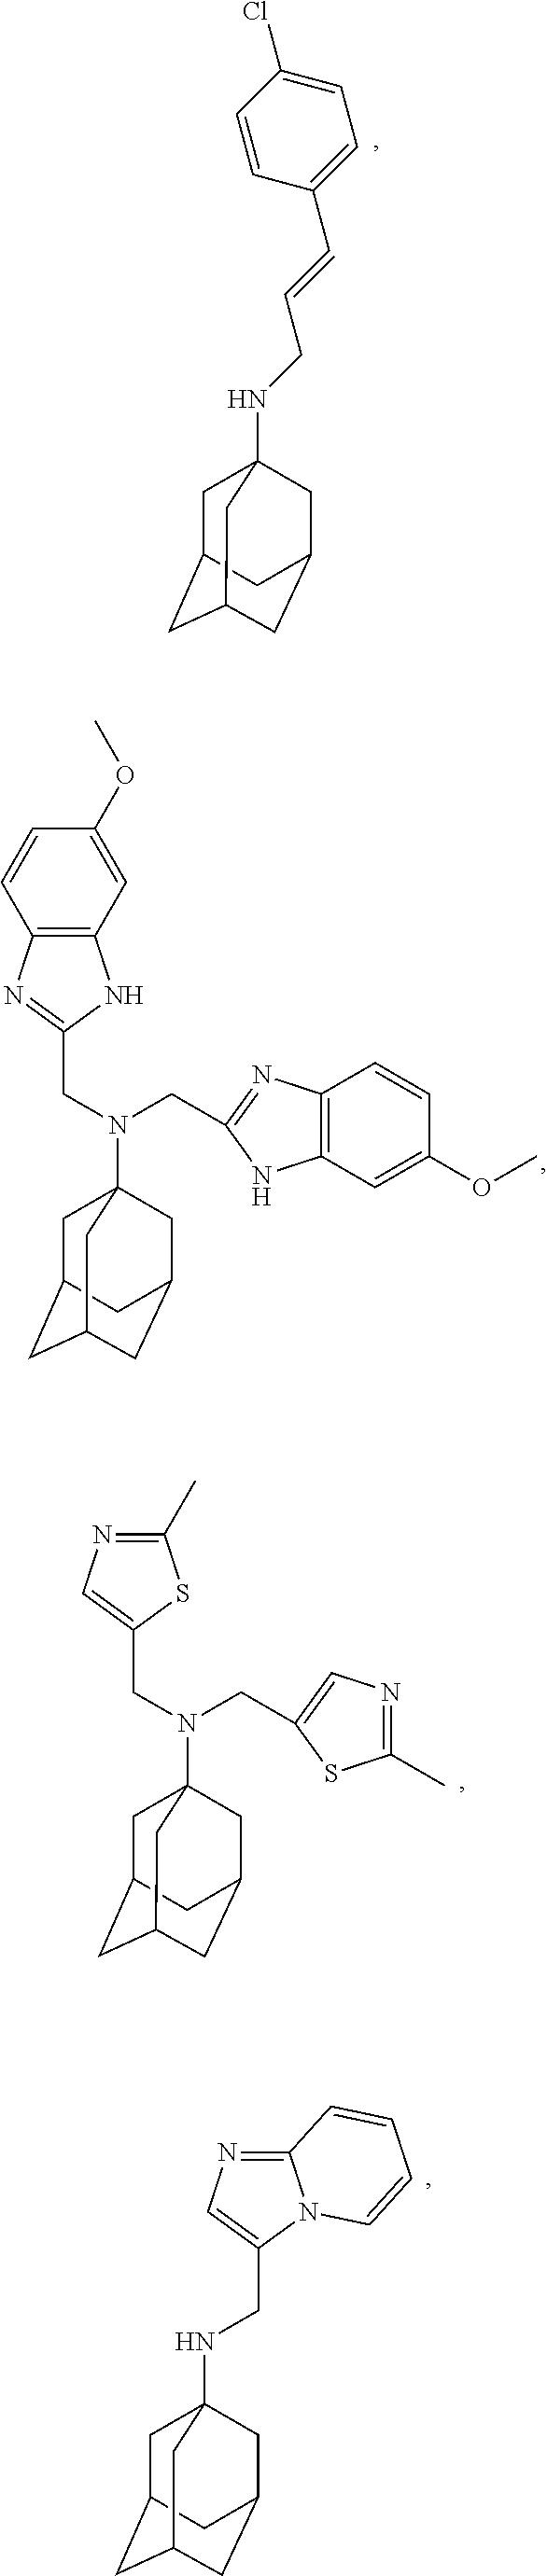 Figure US09884832-20180206-C00073